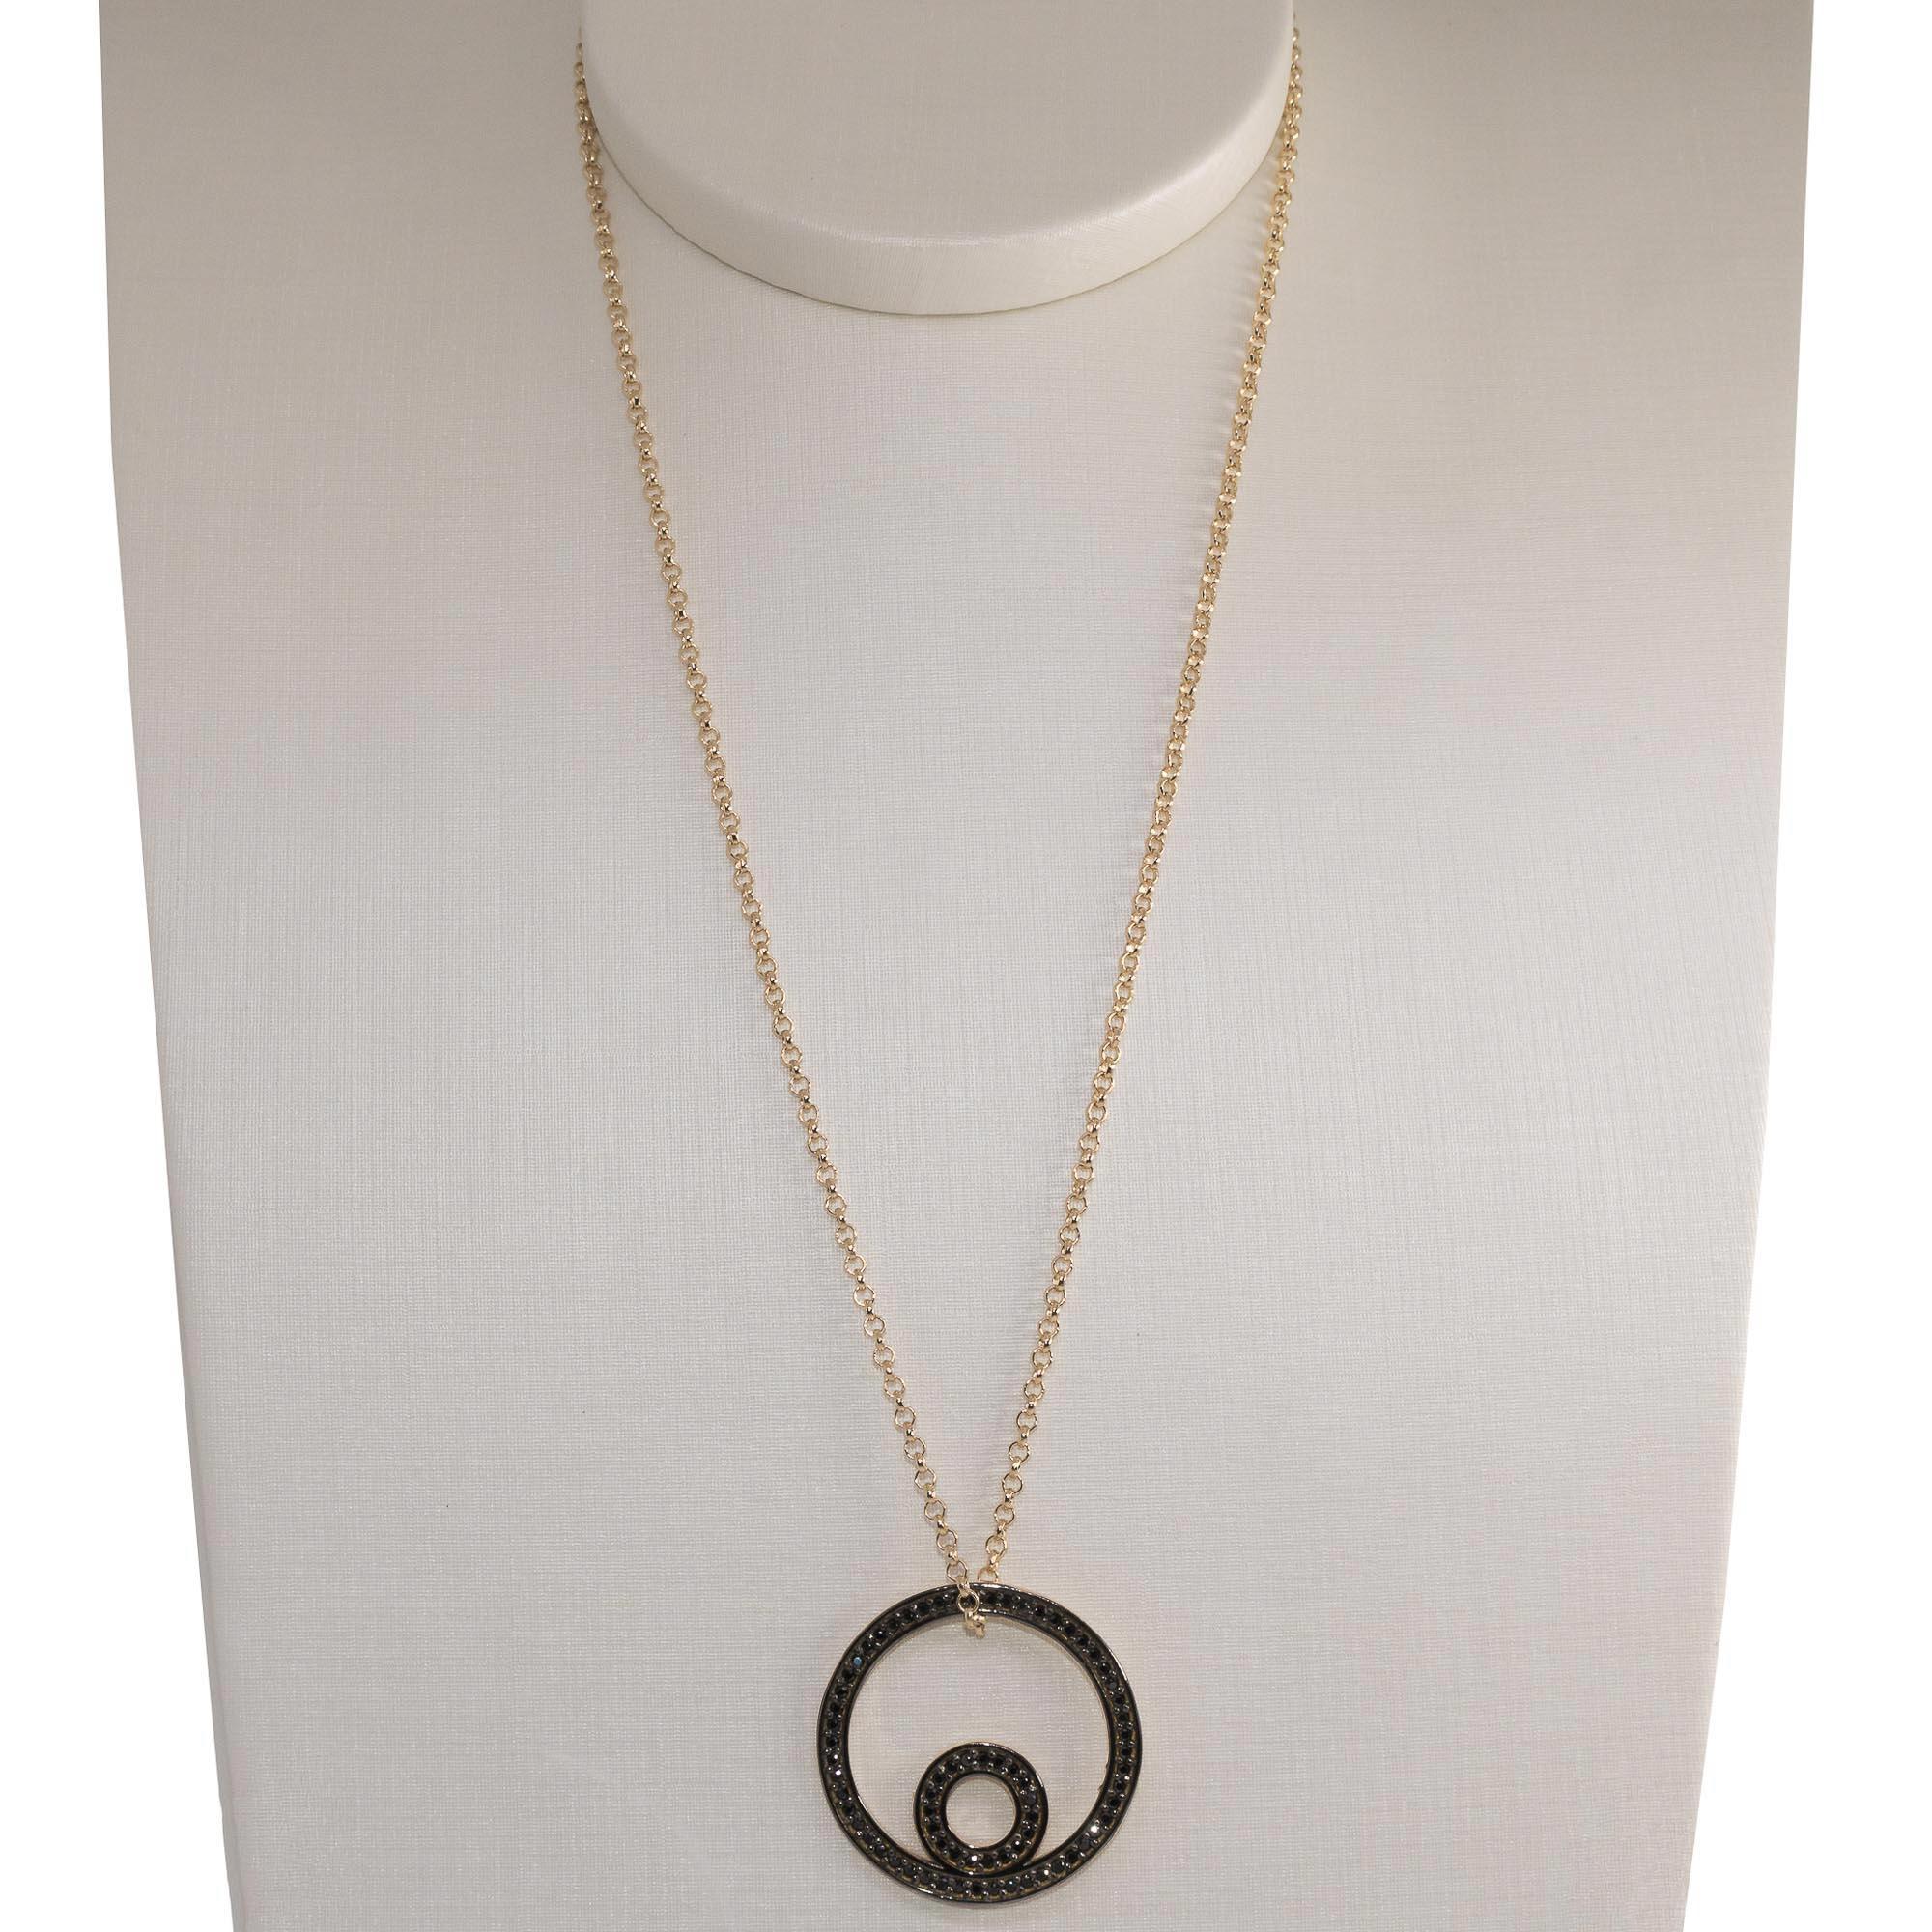 Colar Semijoia  círculo duplo Mimos banhado a ouro 18k ou rhodium